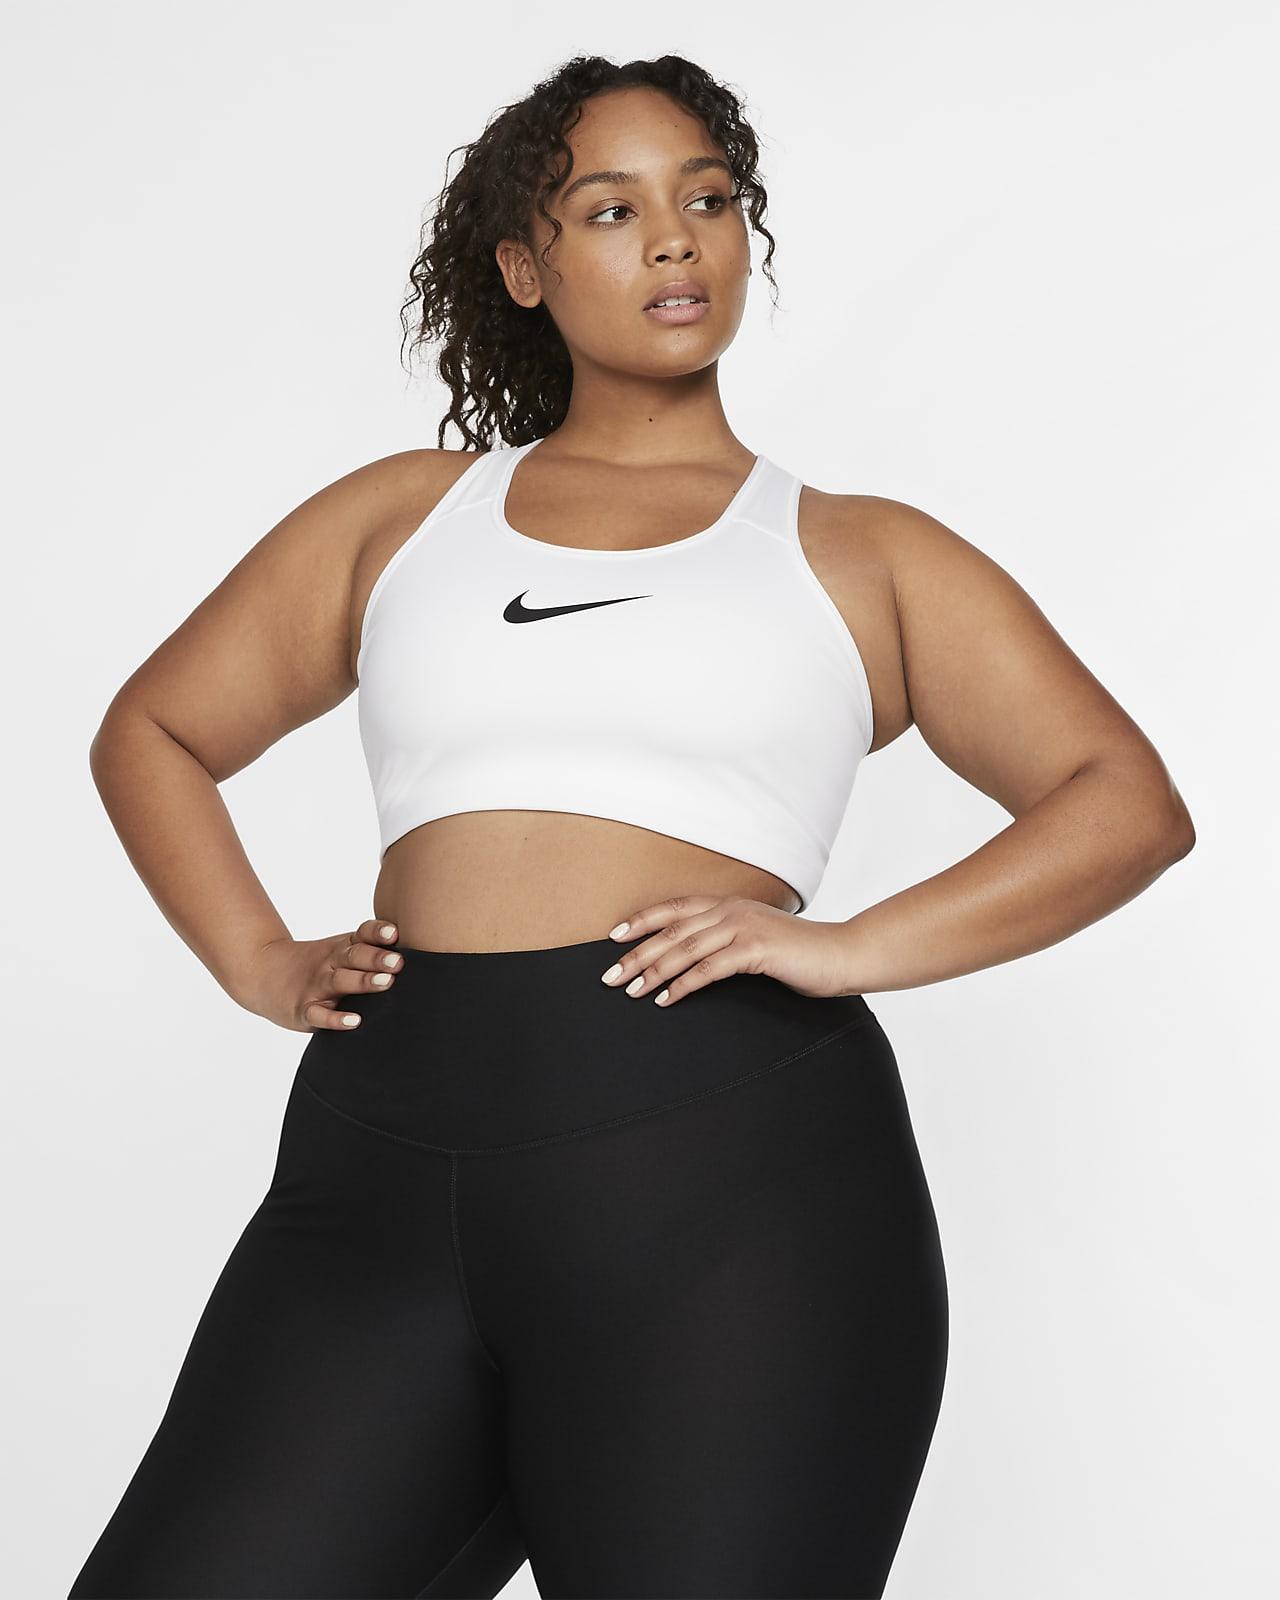 Brassière de sport non rembourrée à maintien normal Nike Swoosh pour Femme (Grande taille)